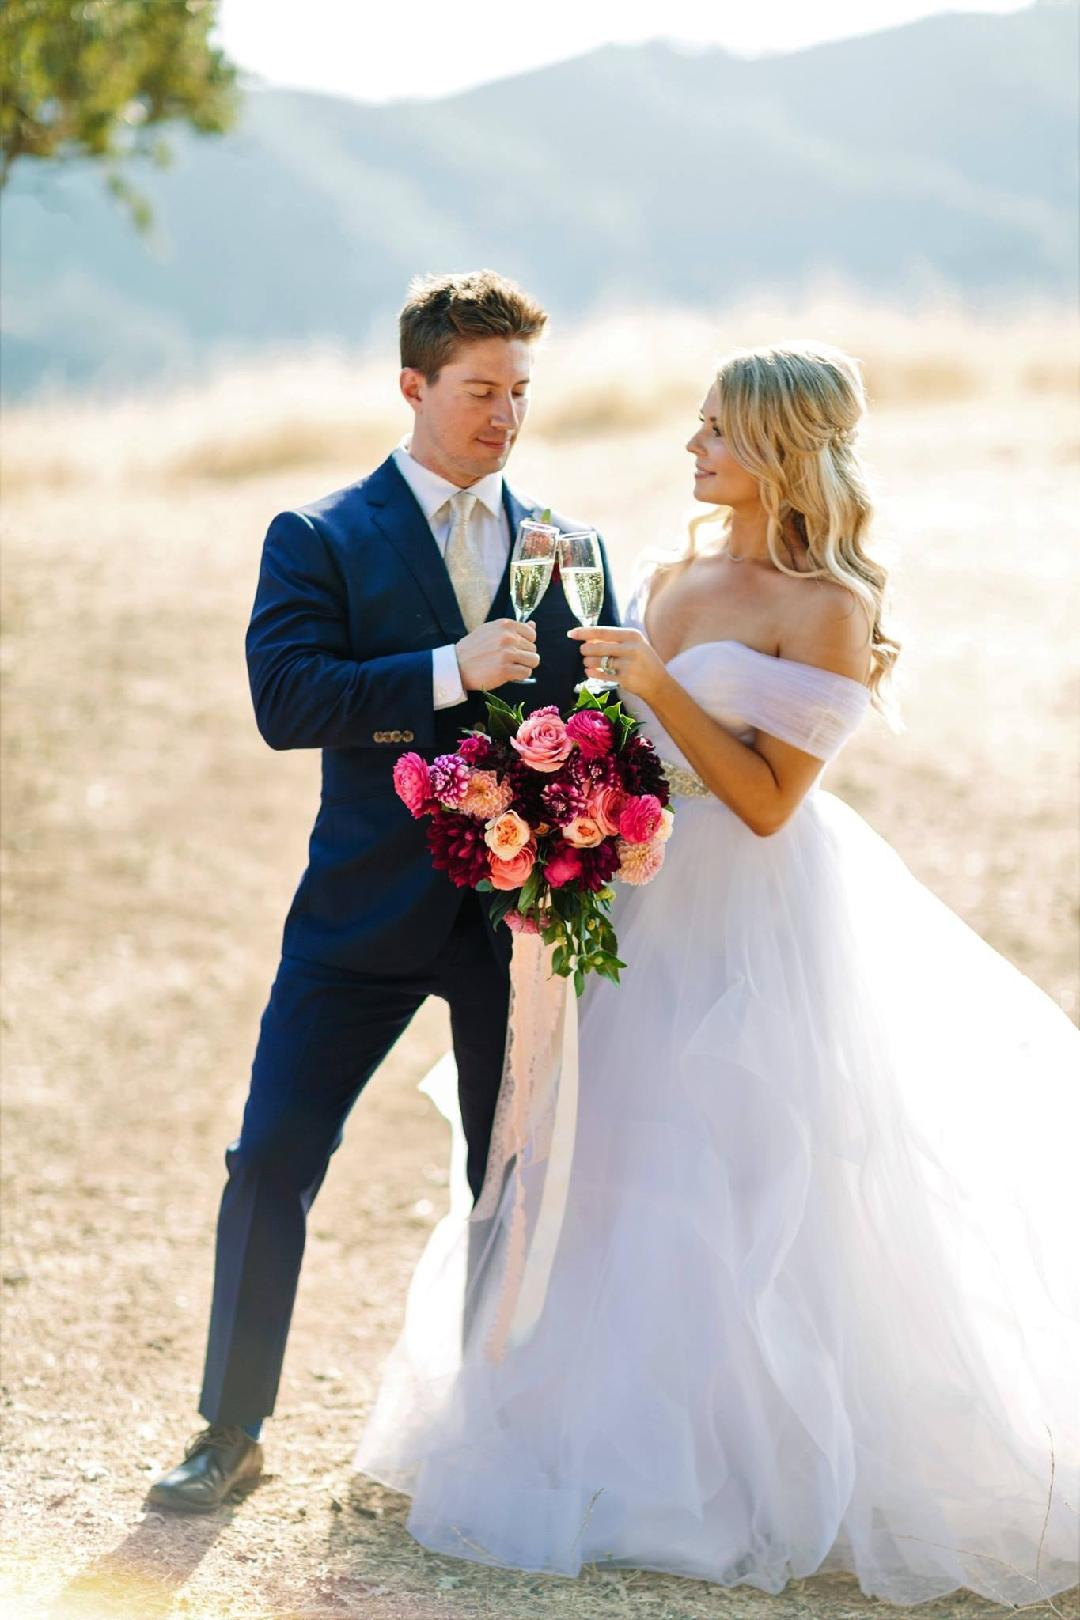 Aaron & Anna